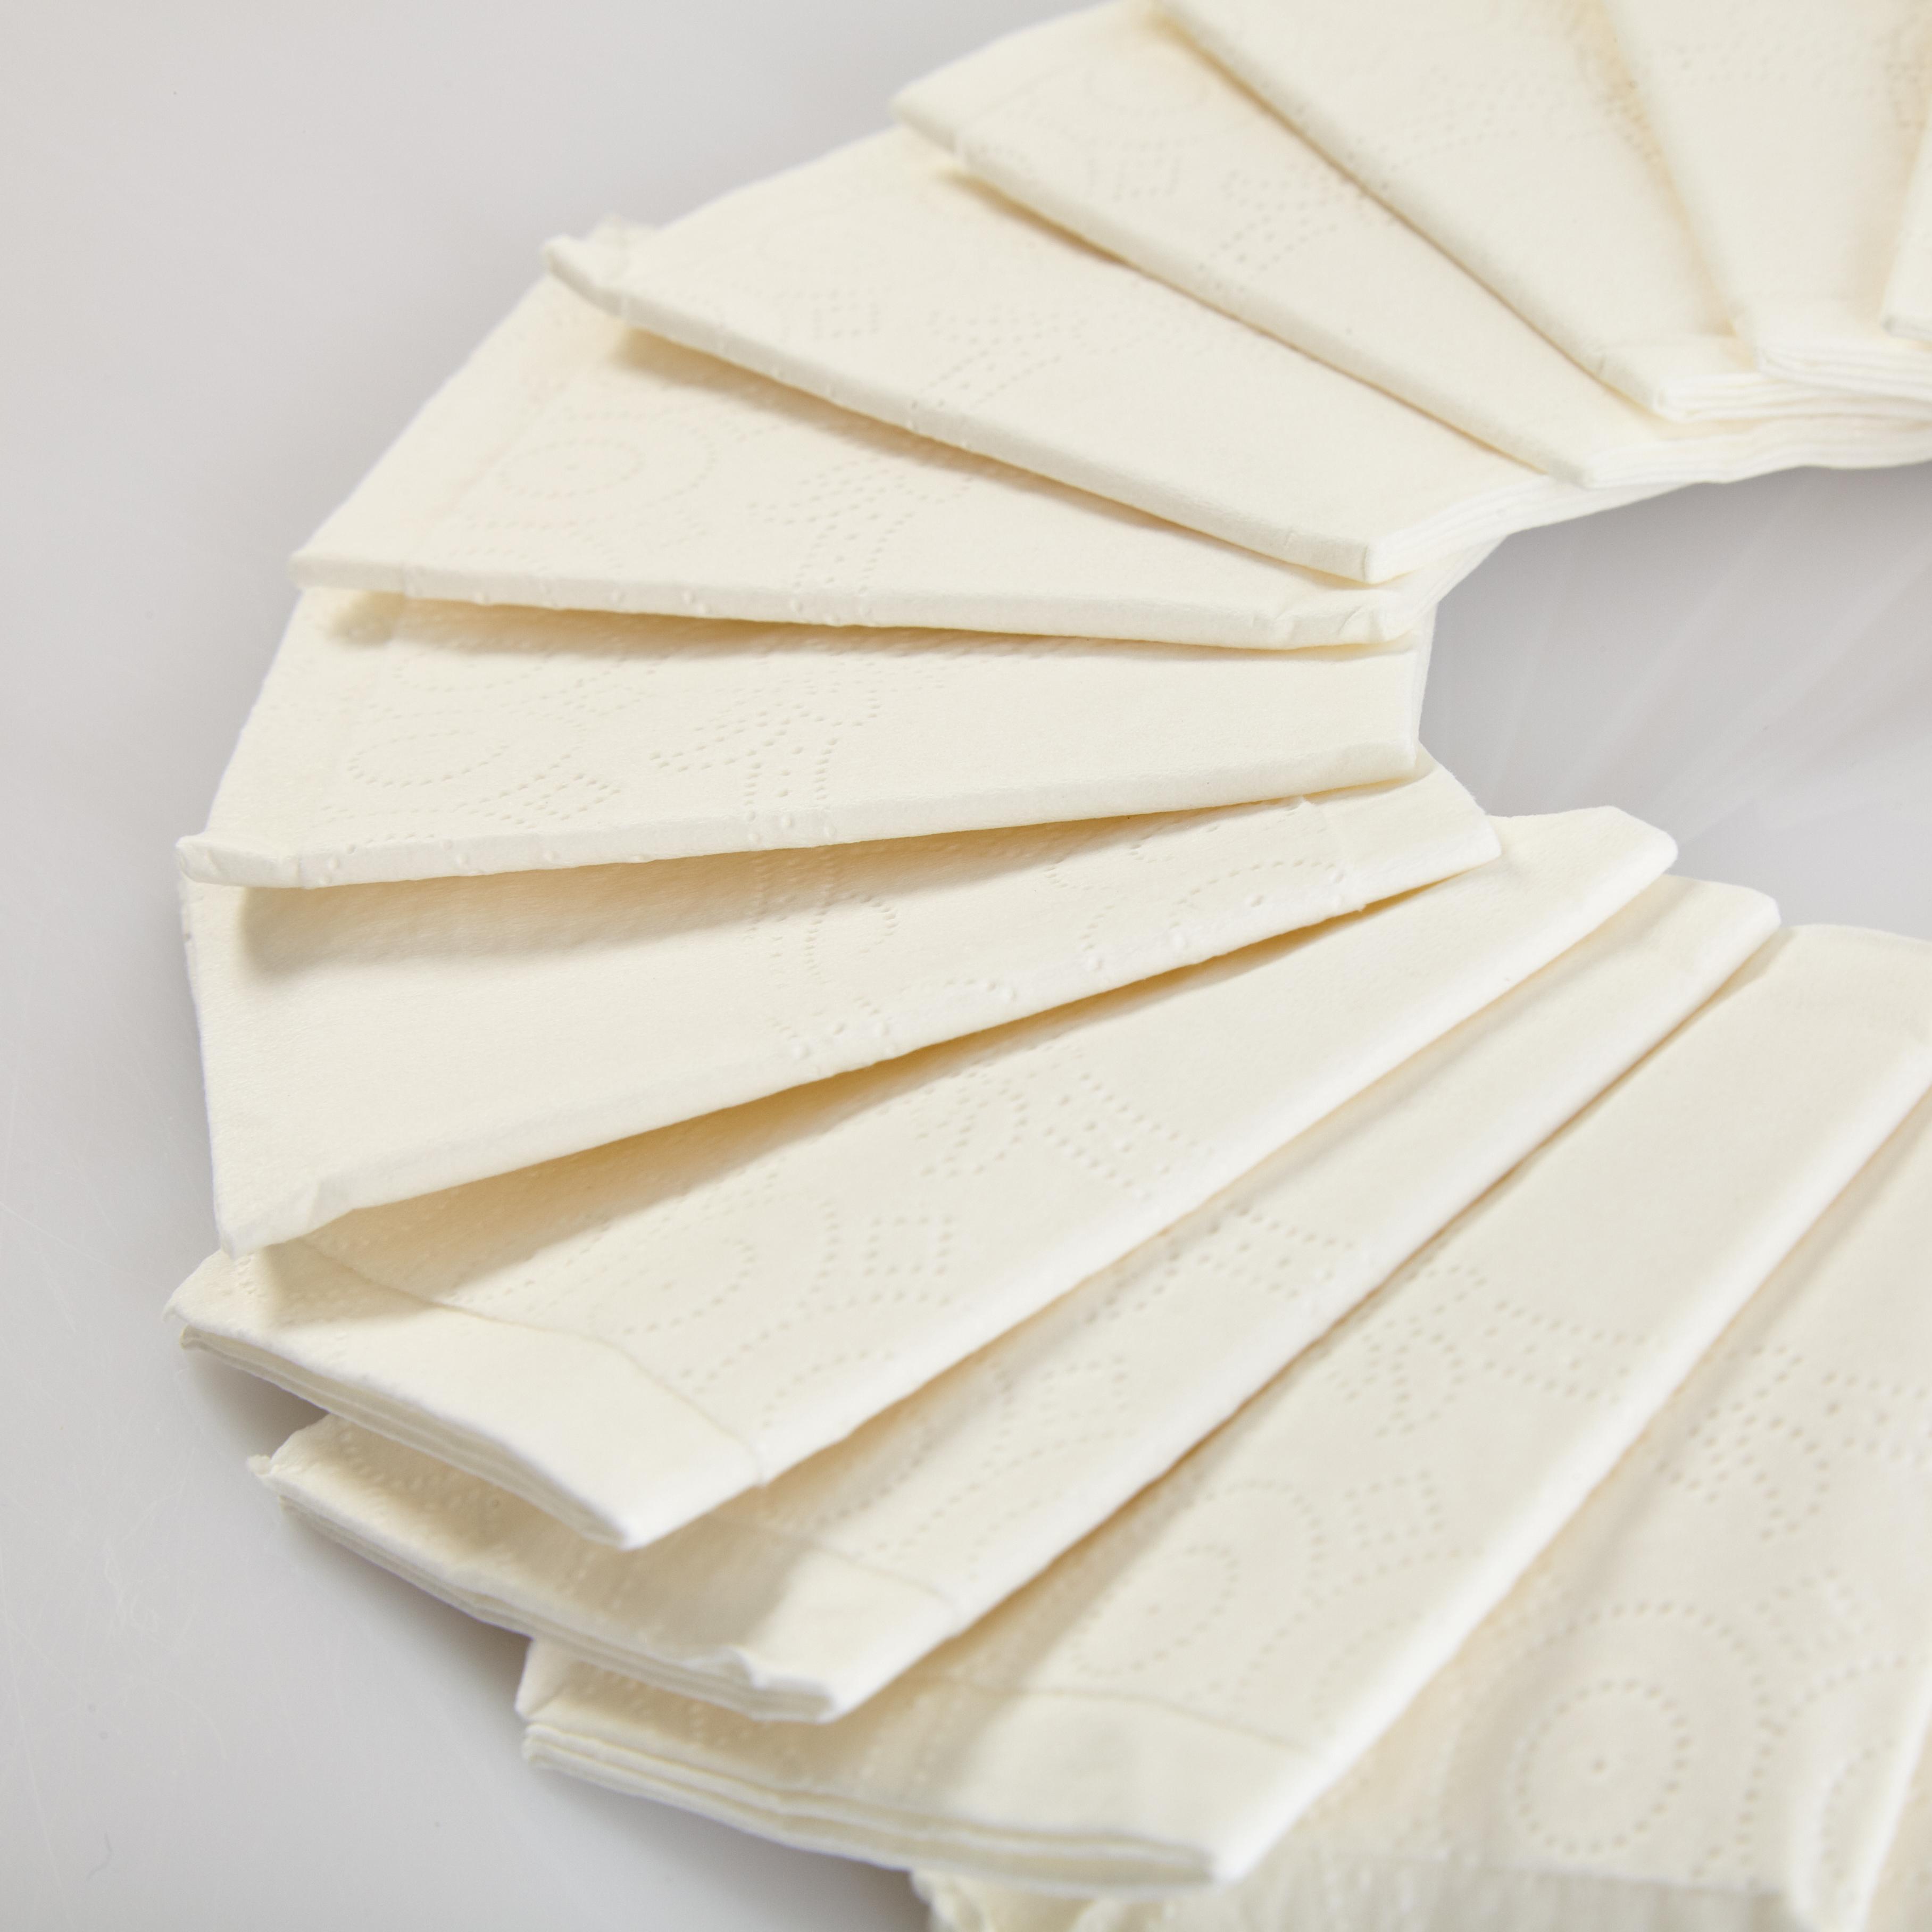 Bambuswald Taschentücher 100% Bambus 360 Stück